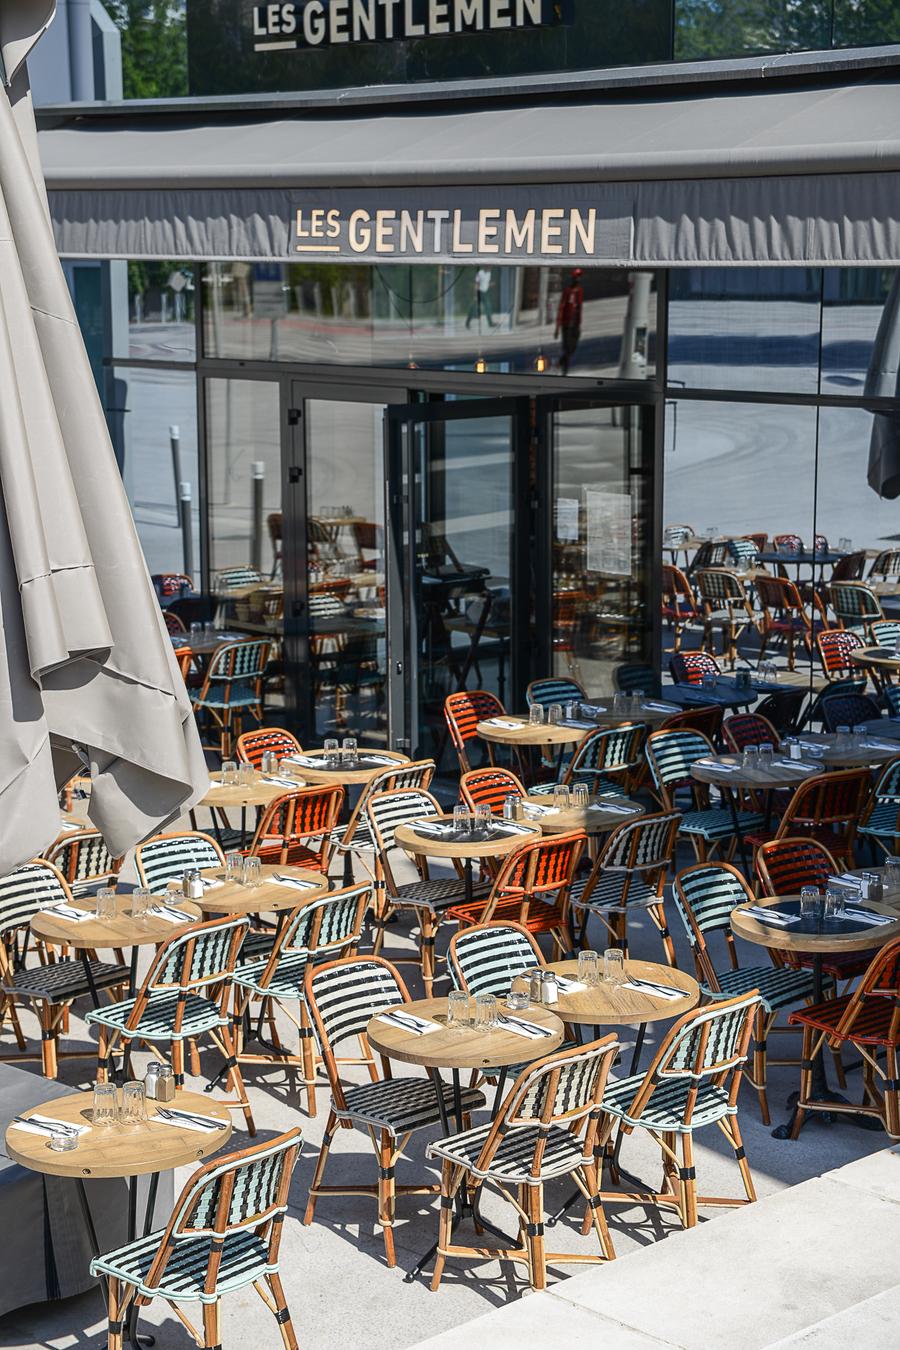 Le Studio Emma Roux a décoré le restaurant les Gentlemen de Nanterre ainsi qu'a l'identité visuelle de ce bistrot. Terrasse des Gentlemen